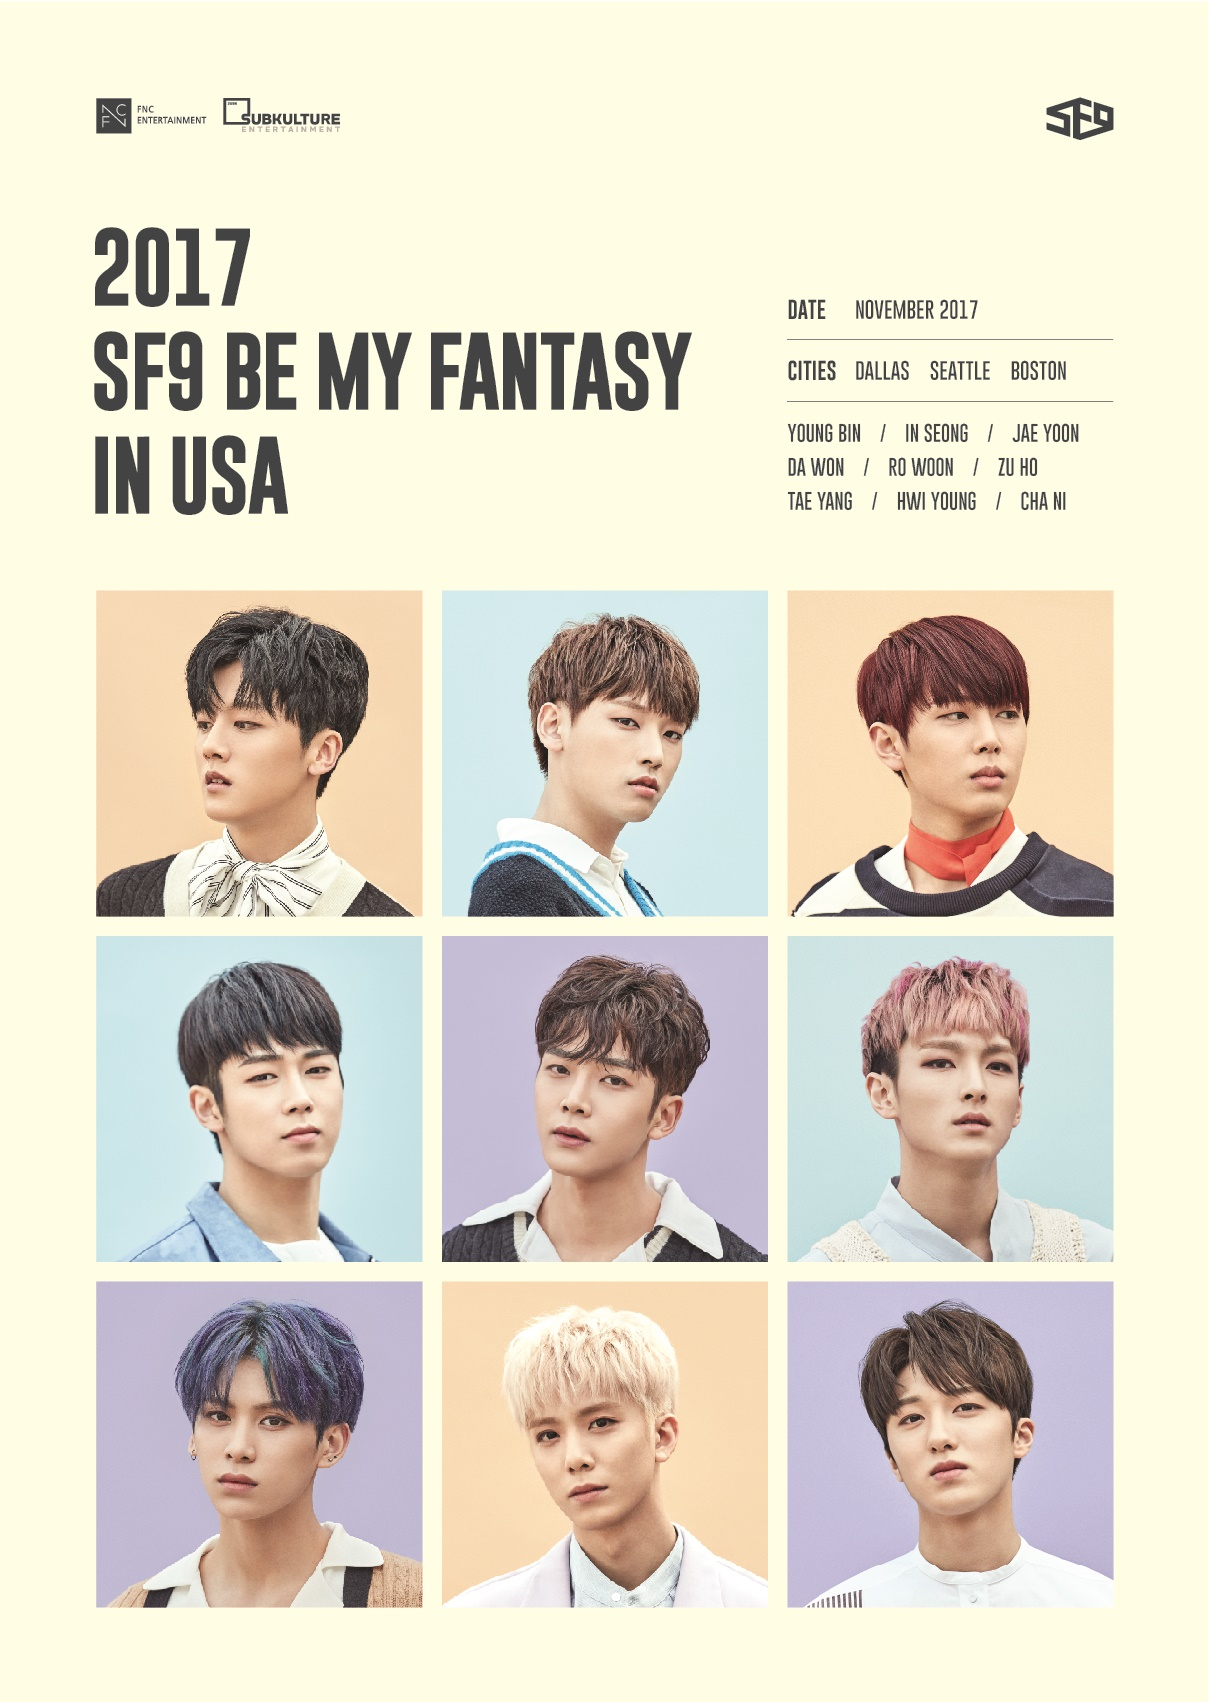 SF9, 미주 팬미팅 투어 개최 '글로벌 아이돌 행보'